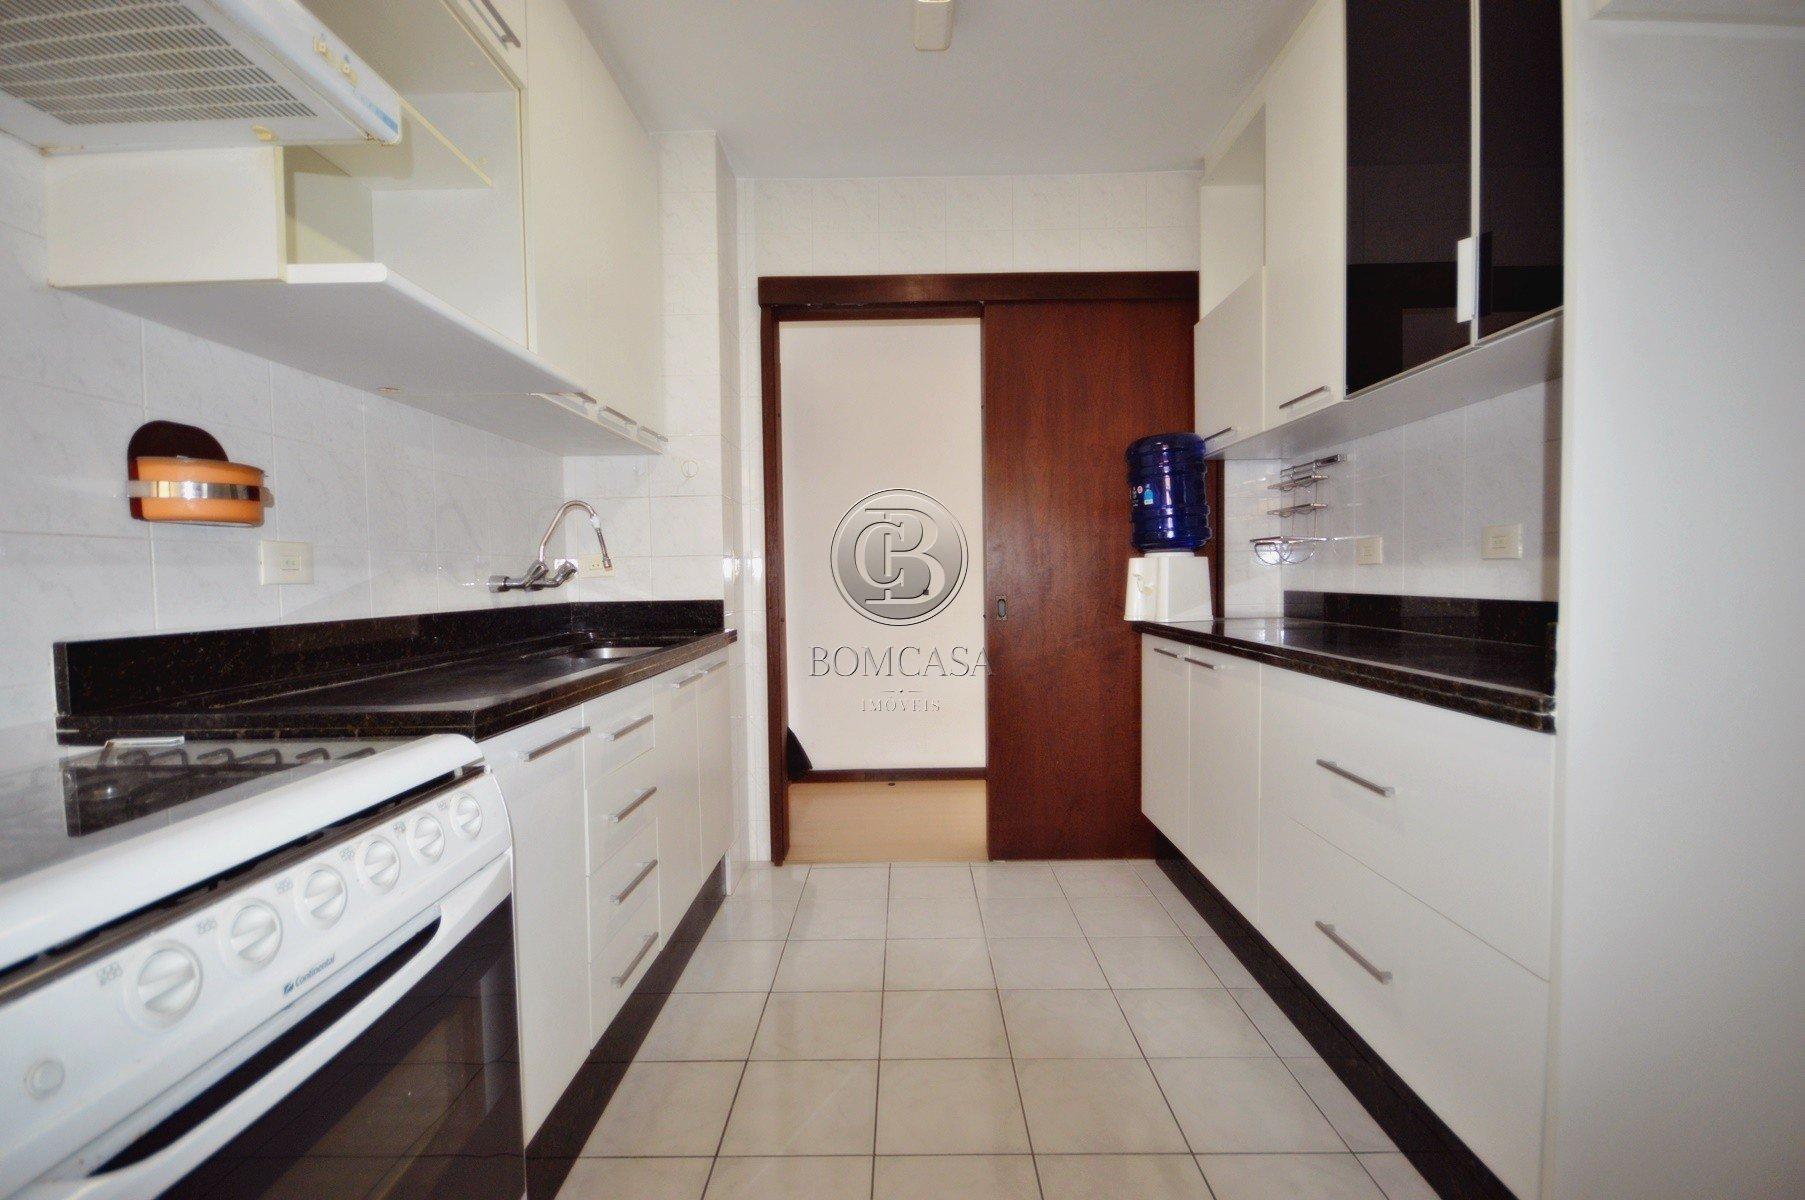 Apartamento No Gua Verde Em Curitiba Pr Refer Ncia 2704bc